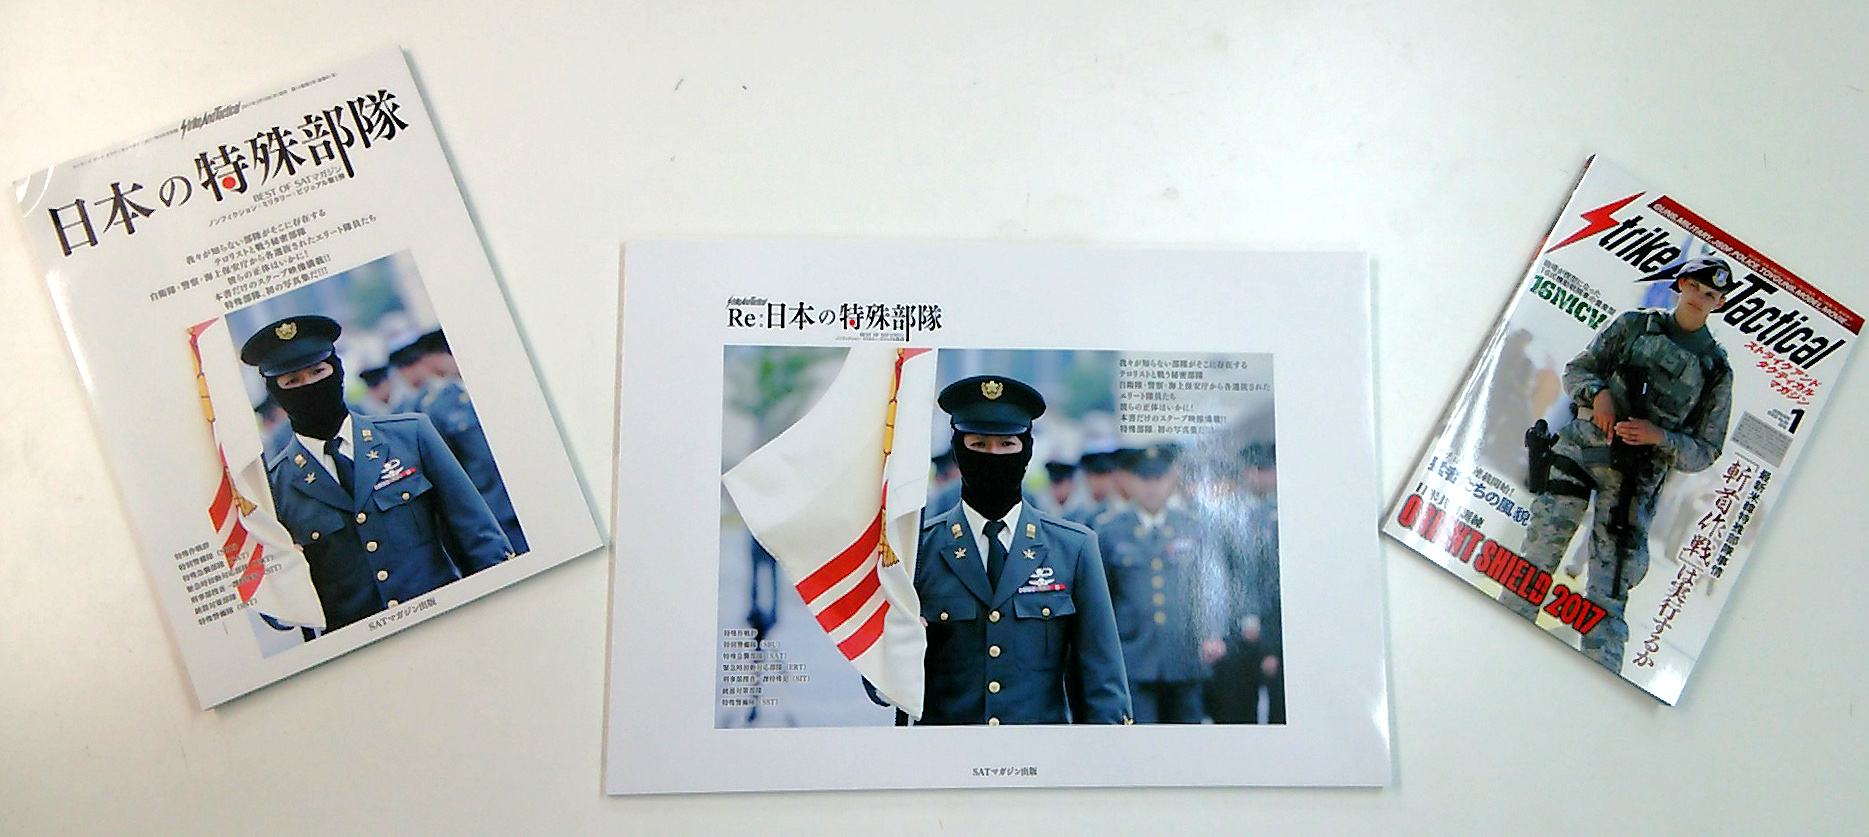 数量限定のハイクオリティ!超大判「 A3サイズ」の最上級「ホワイトA1」用紙に通常より1.2倍精細な印刷!各ページ裏は白地とし、貴重な写真に一切の折り目なくダイナミックに鑑賞できます。